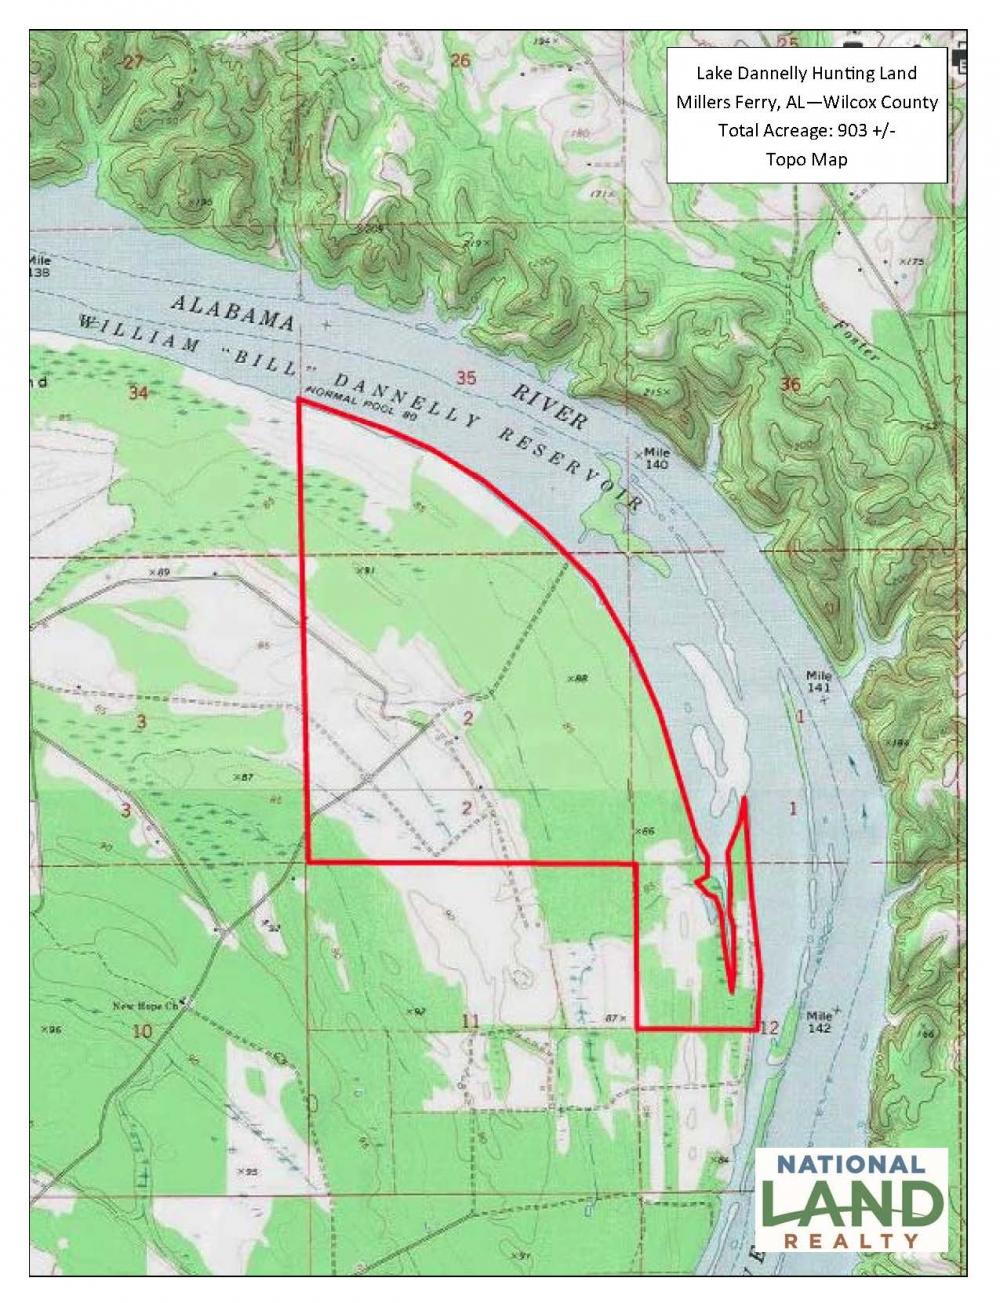 Alabama wilcox county camden -  Description Image Description